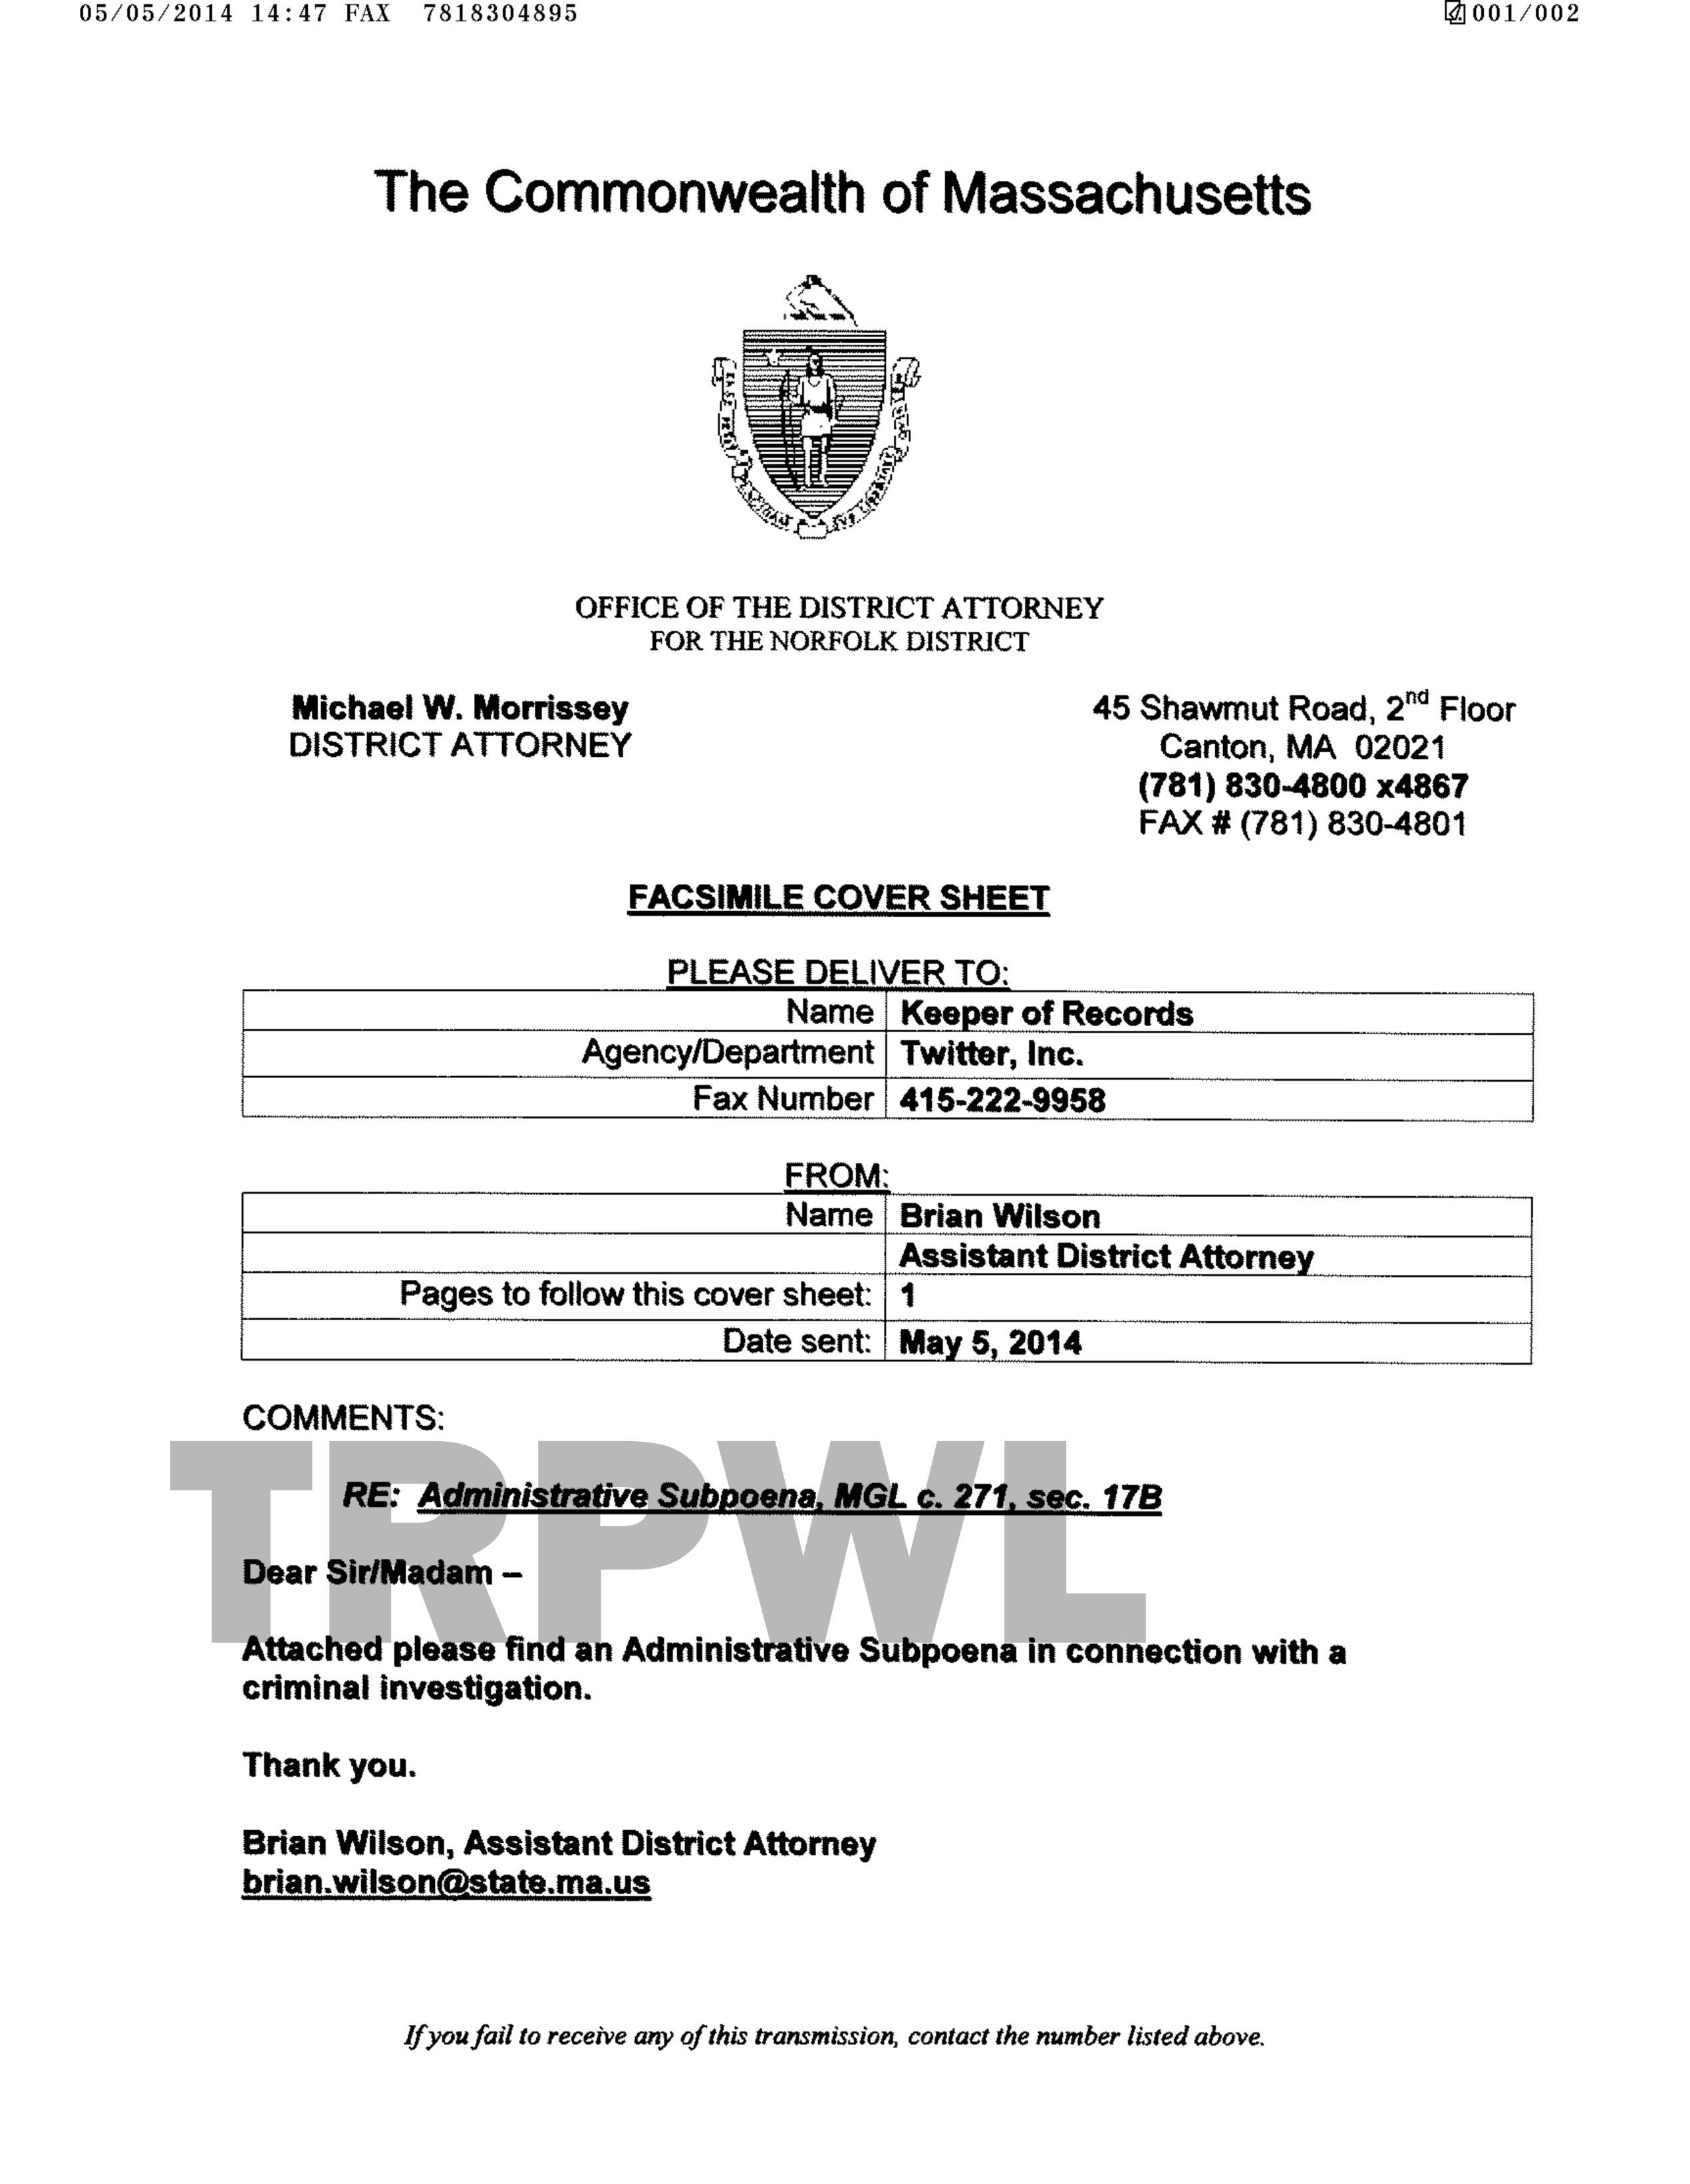 /var/www/fax/faxes/recvd/2014/05/05/7818304895/000035800/fax.tif